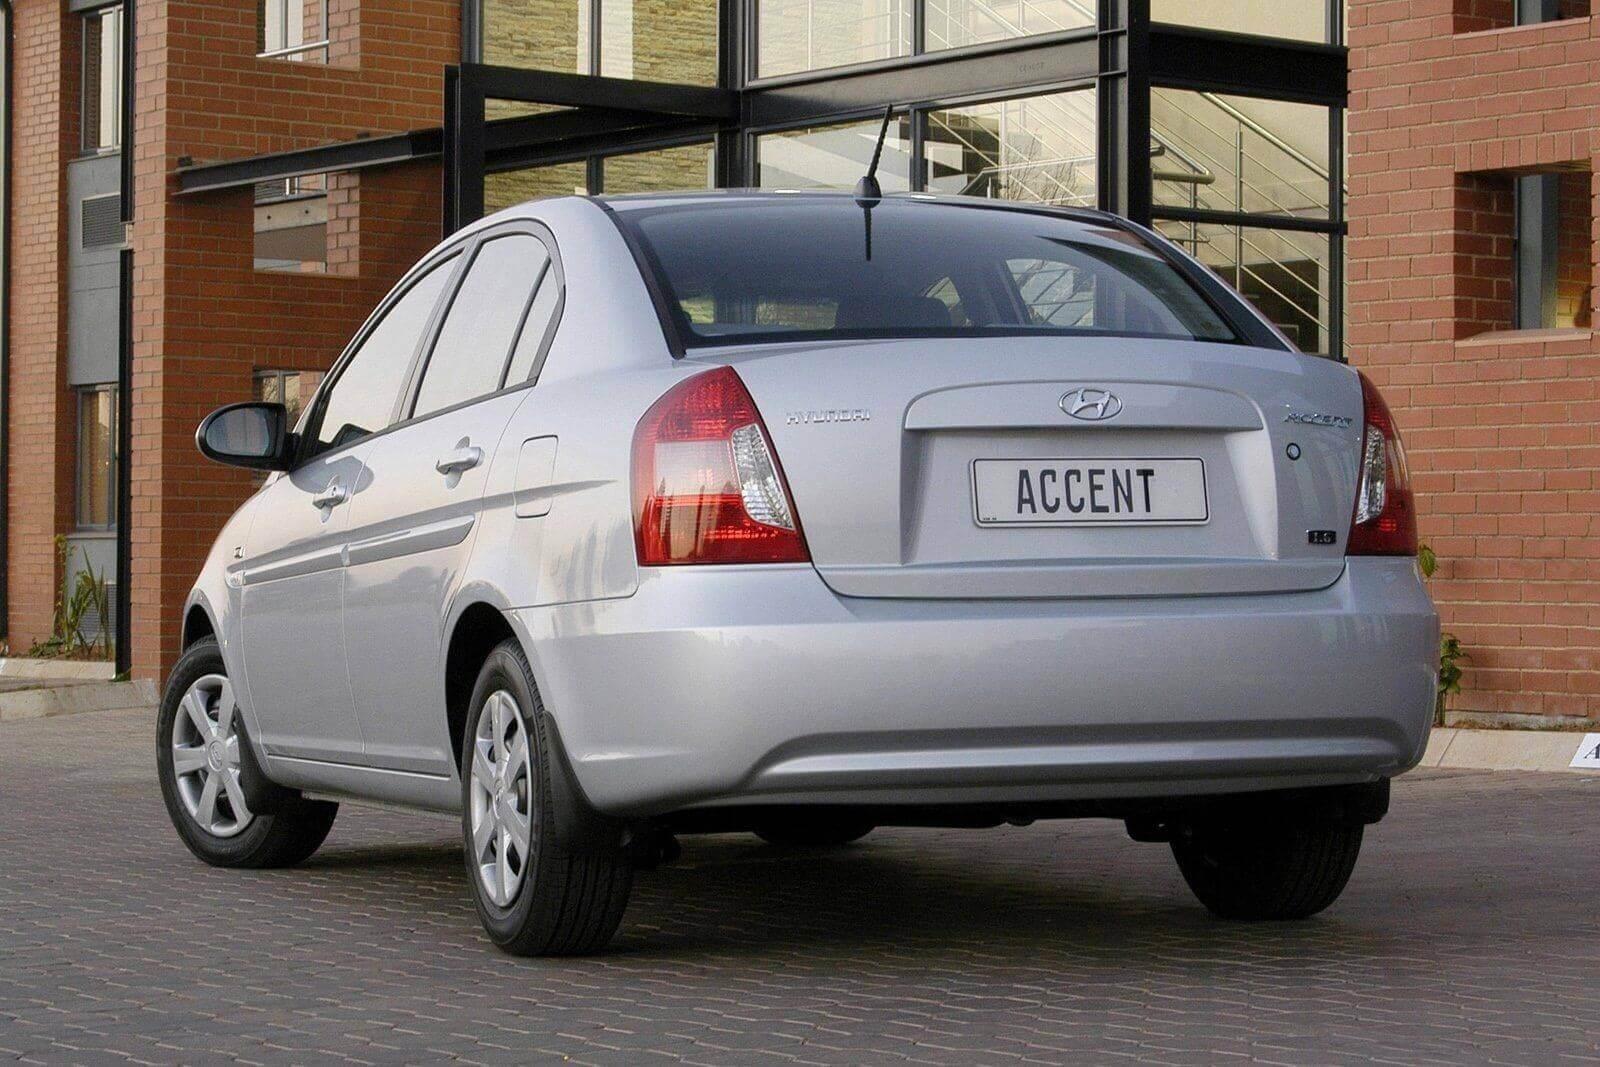 Hyundai Accent, топ дешевых авто, недорогое авто, украина, водитель, новичок